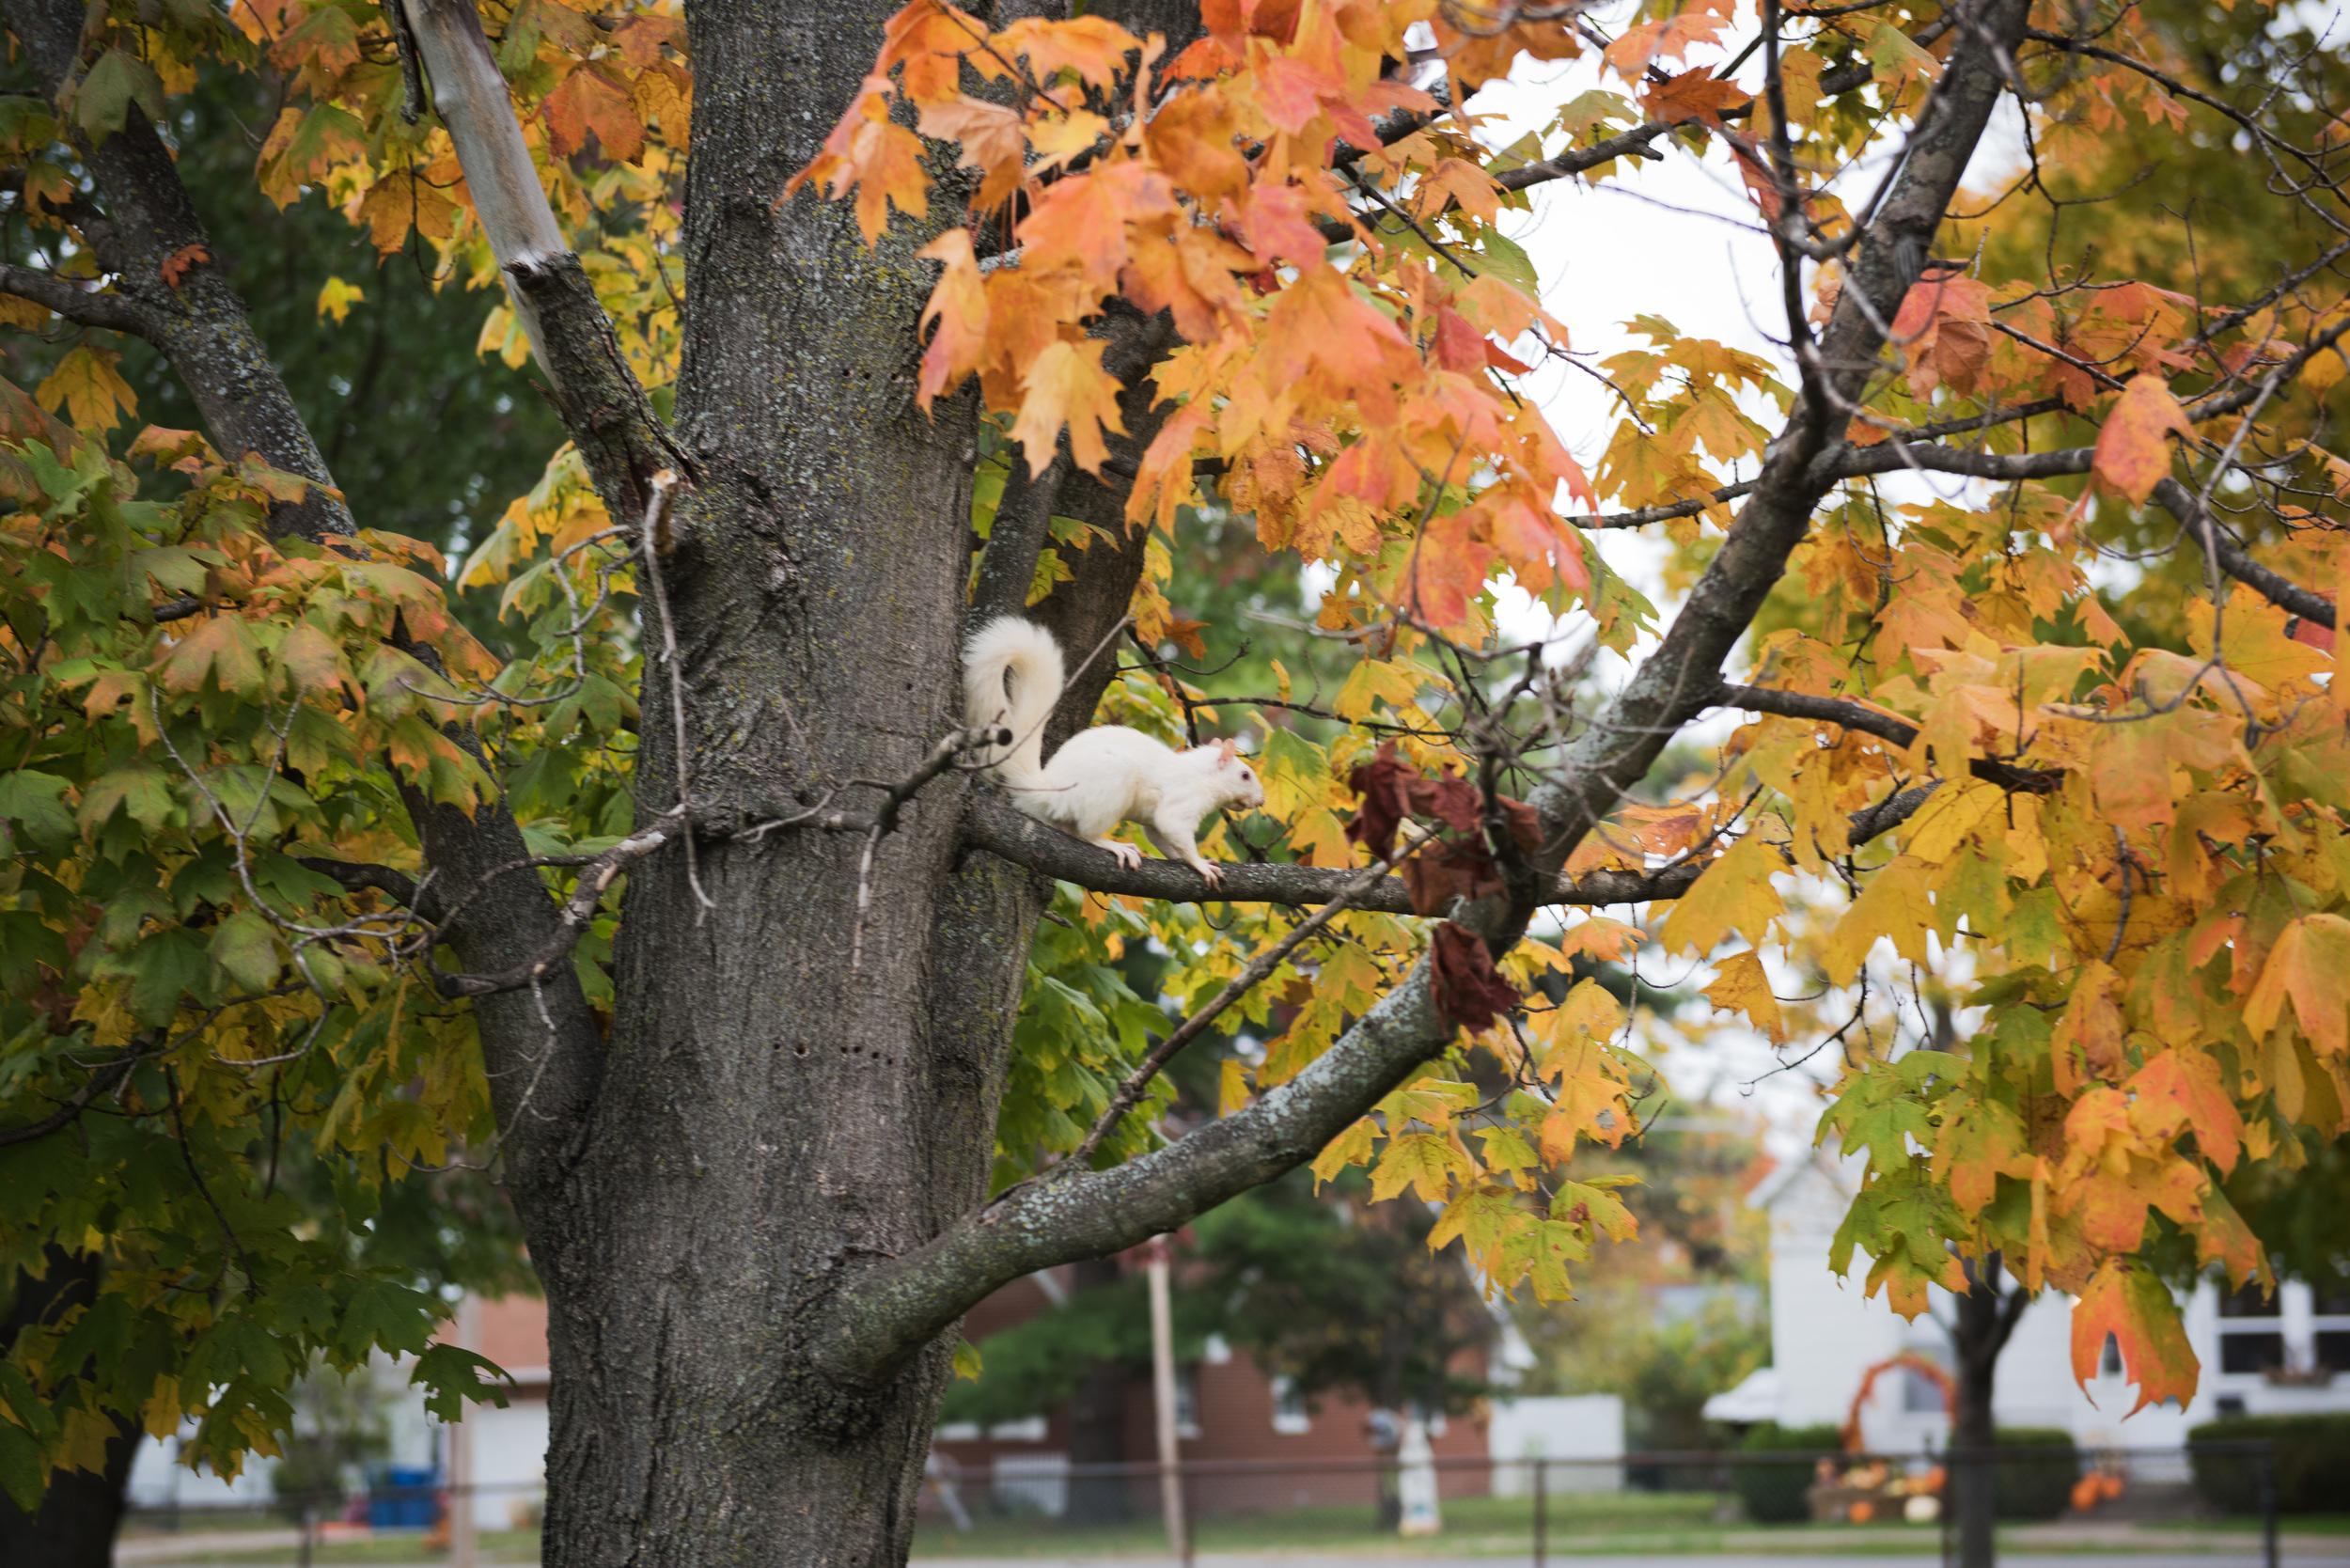 white-squirrel-olney-Illinois